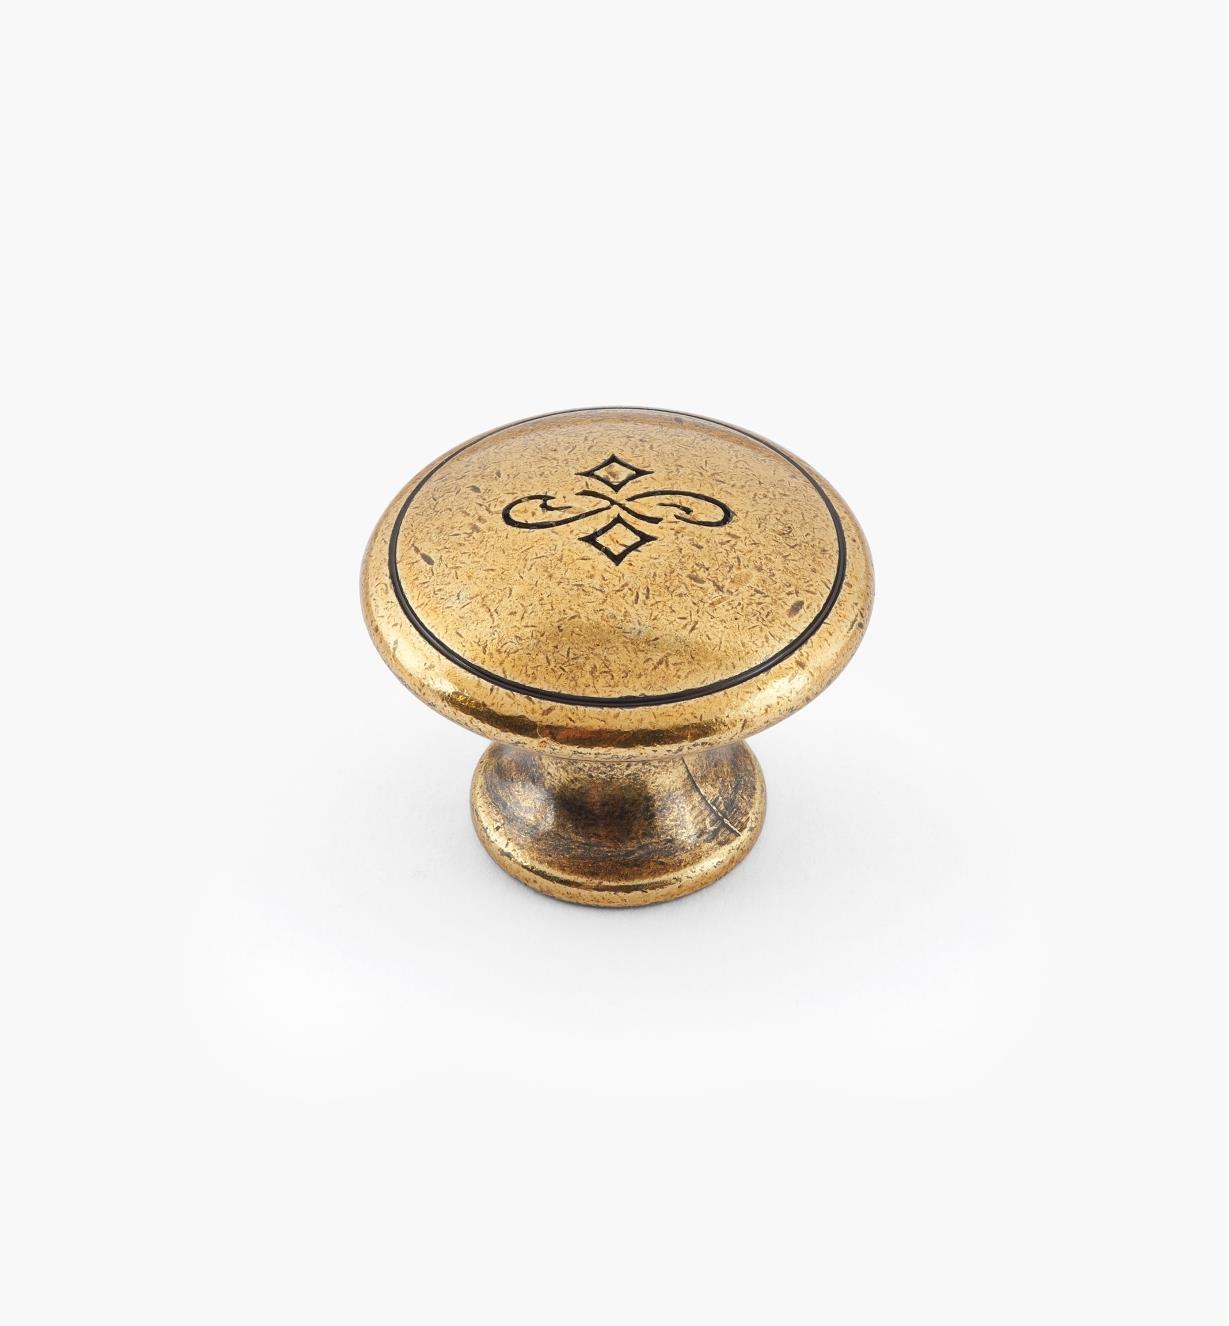 01X4112 - Bouton gravé de 25 mm x 20 mm, fini bronze bruni